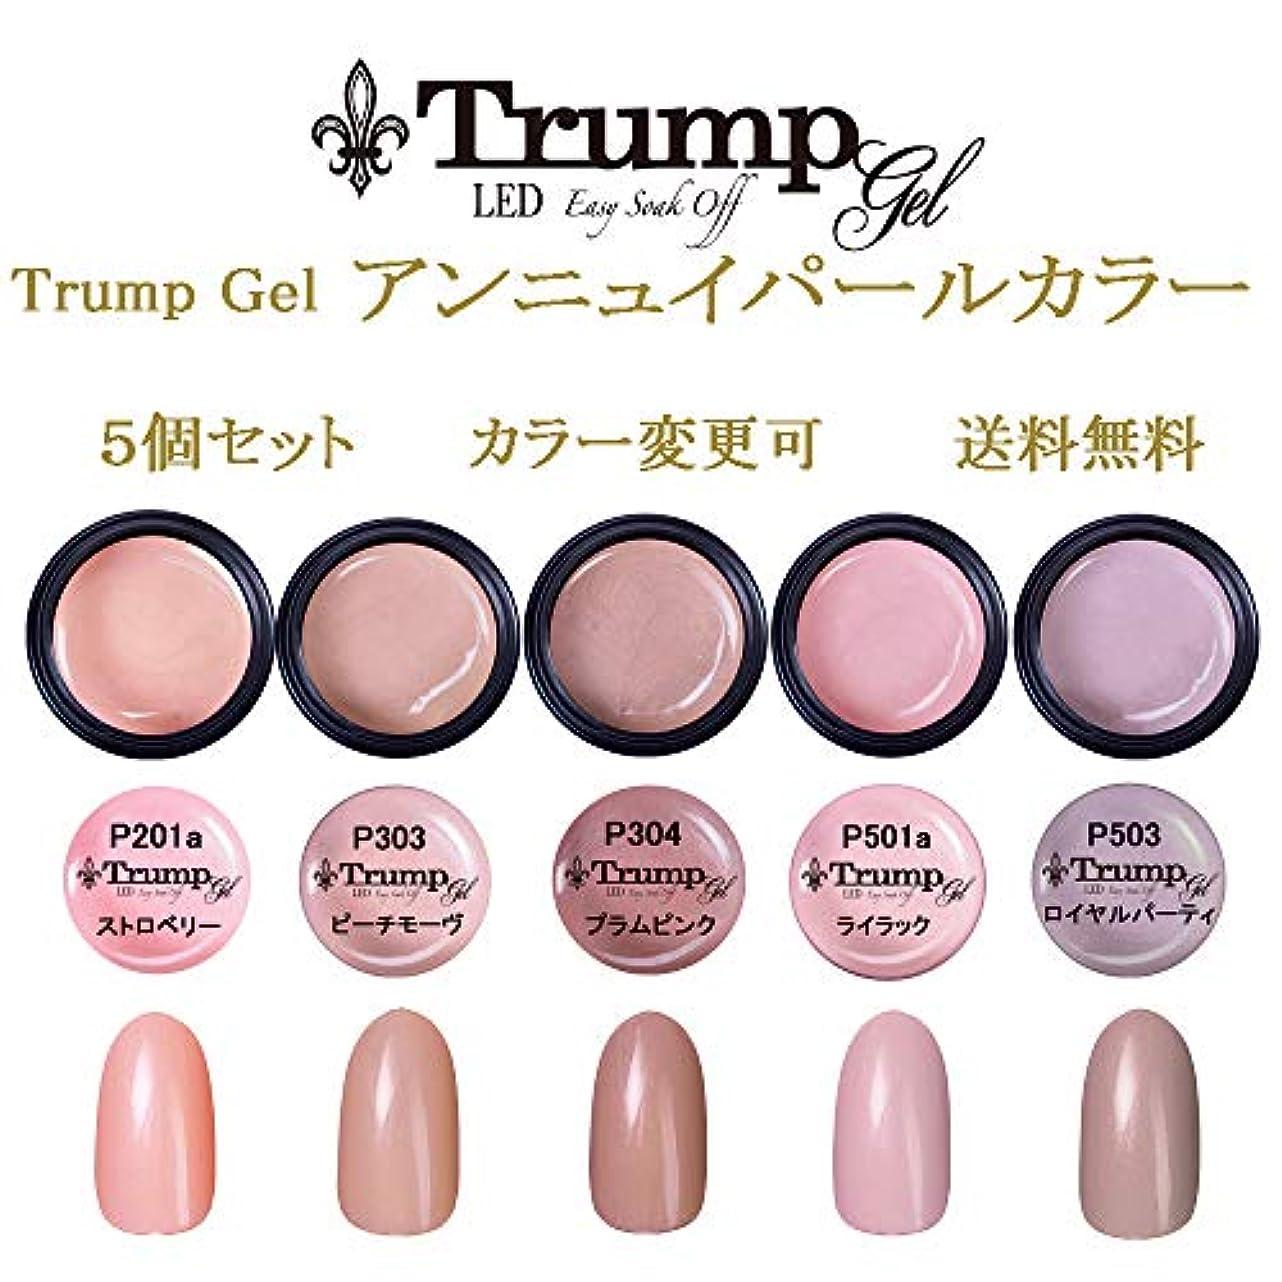 レタッチ想像力豊かな韻日本製 Trump gel トランプジェル アンニュイ パール 選べる カラージェル 5個セット ピンク ベージュ パープル